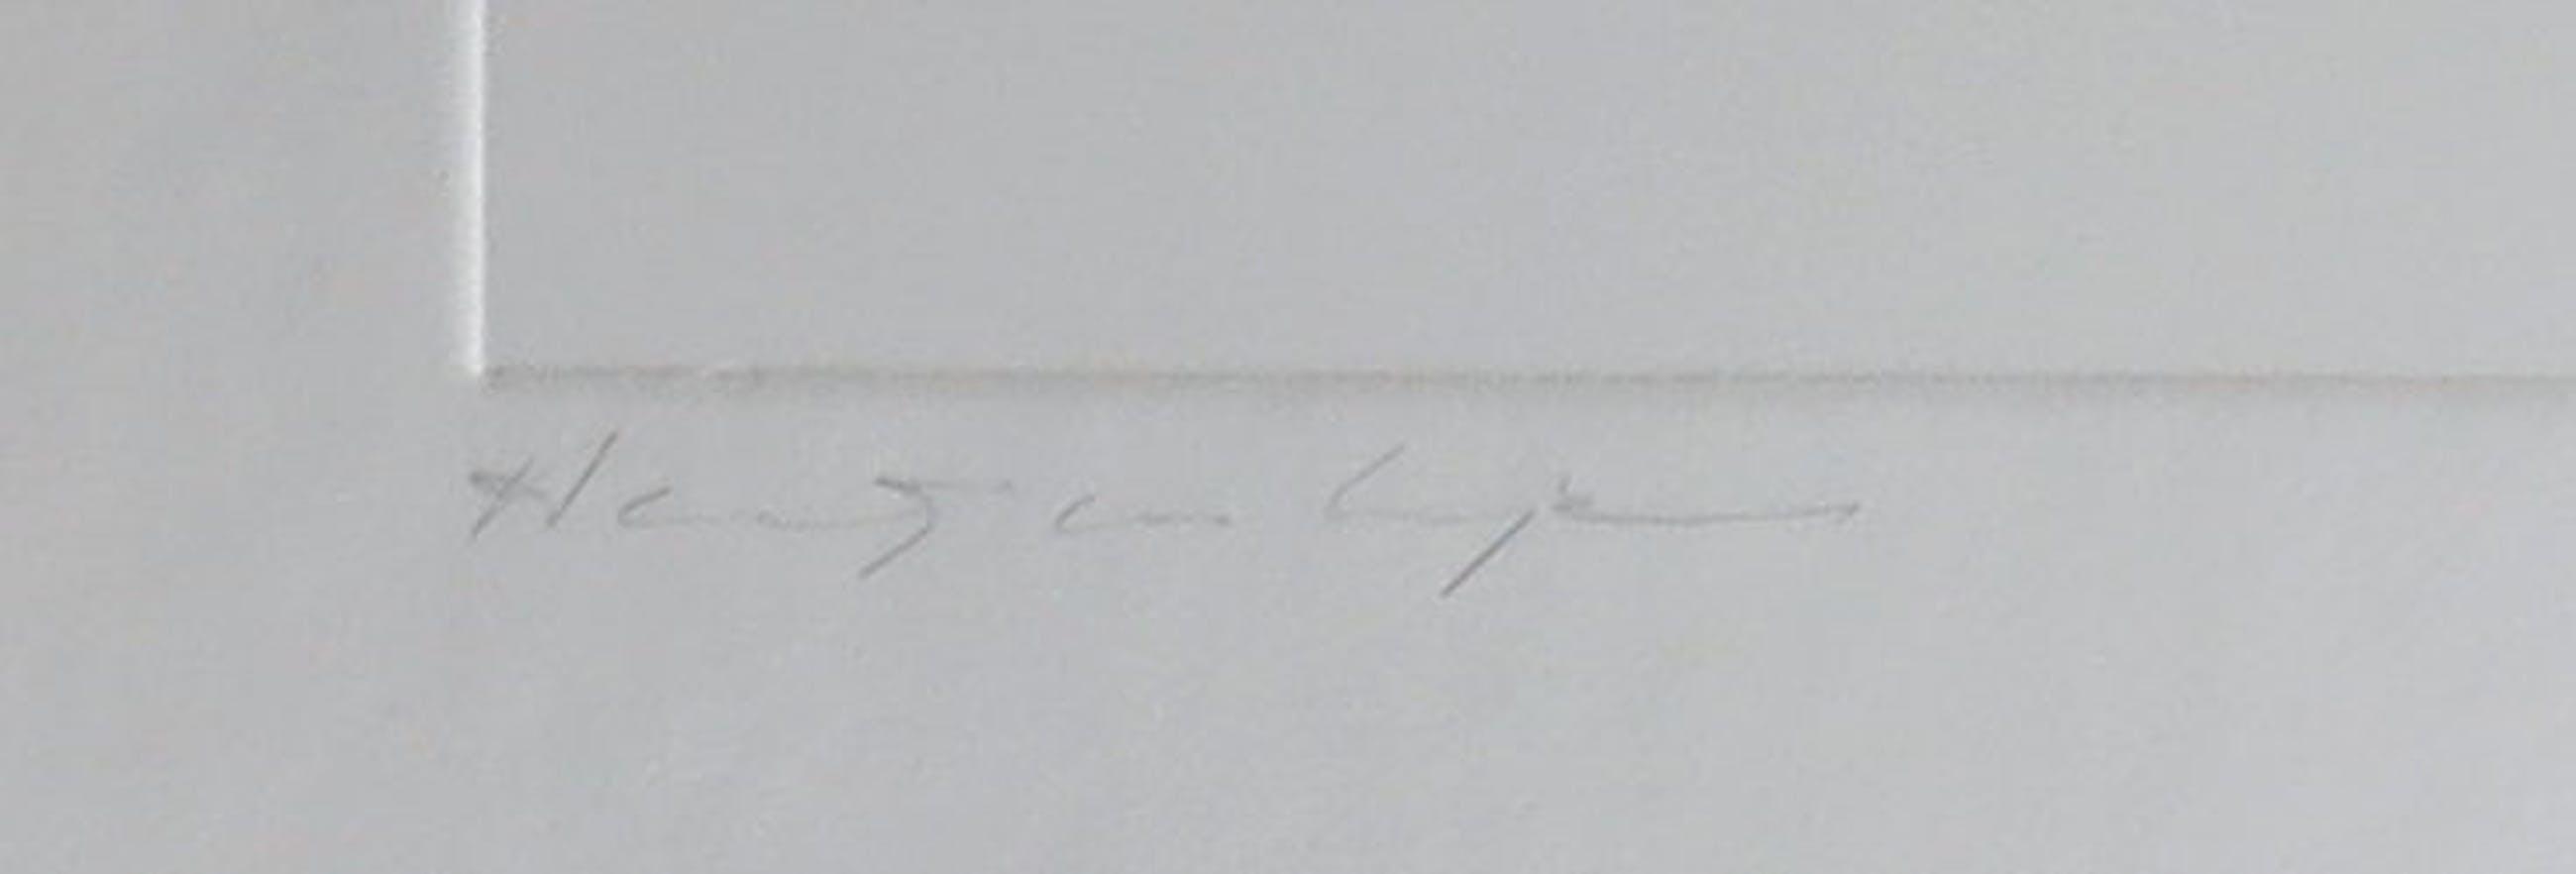 Harry van Kuyk - Reliëfdruk, C (uit het Groot Abecedarium) - Ingelijst kopen? Bied vanaf 150!